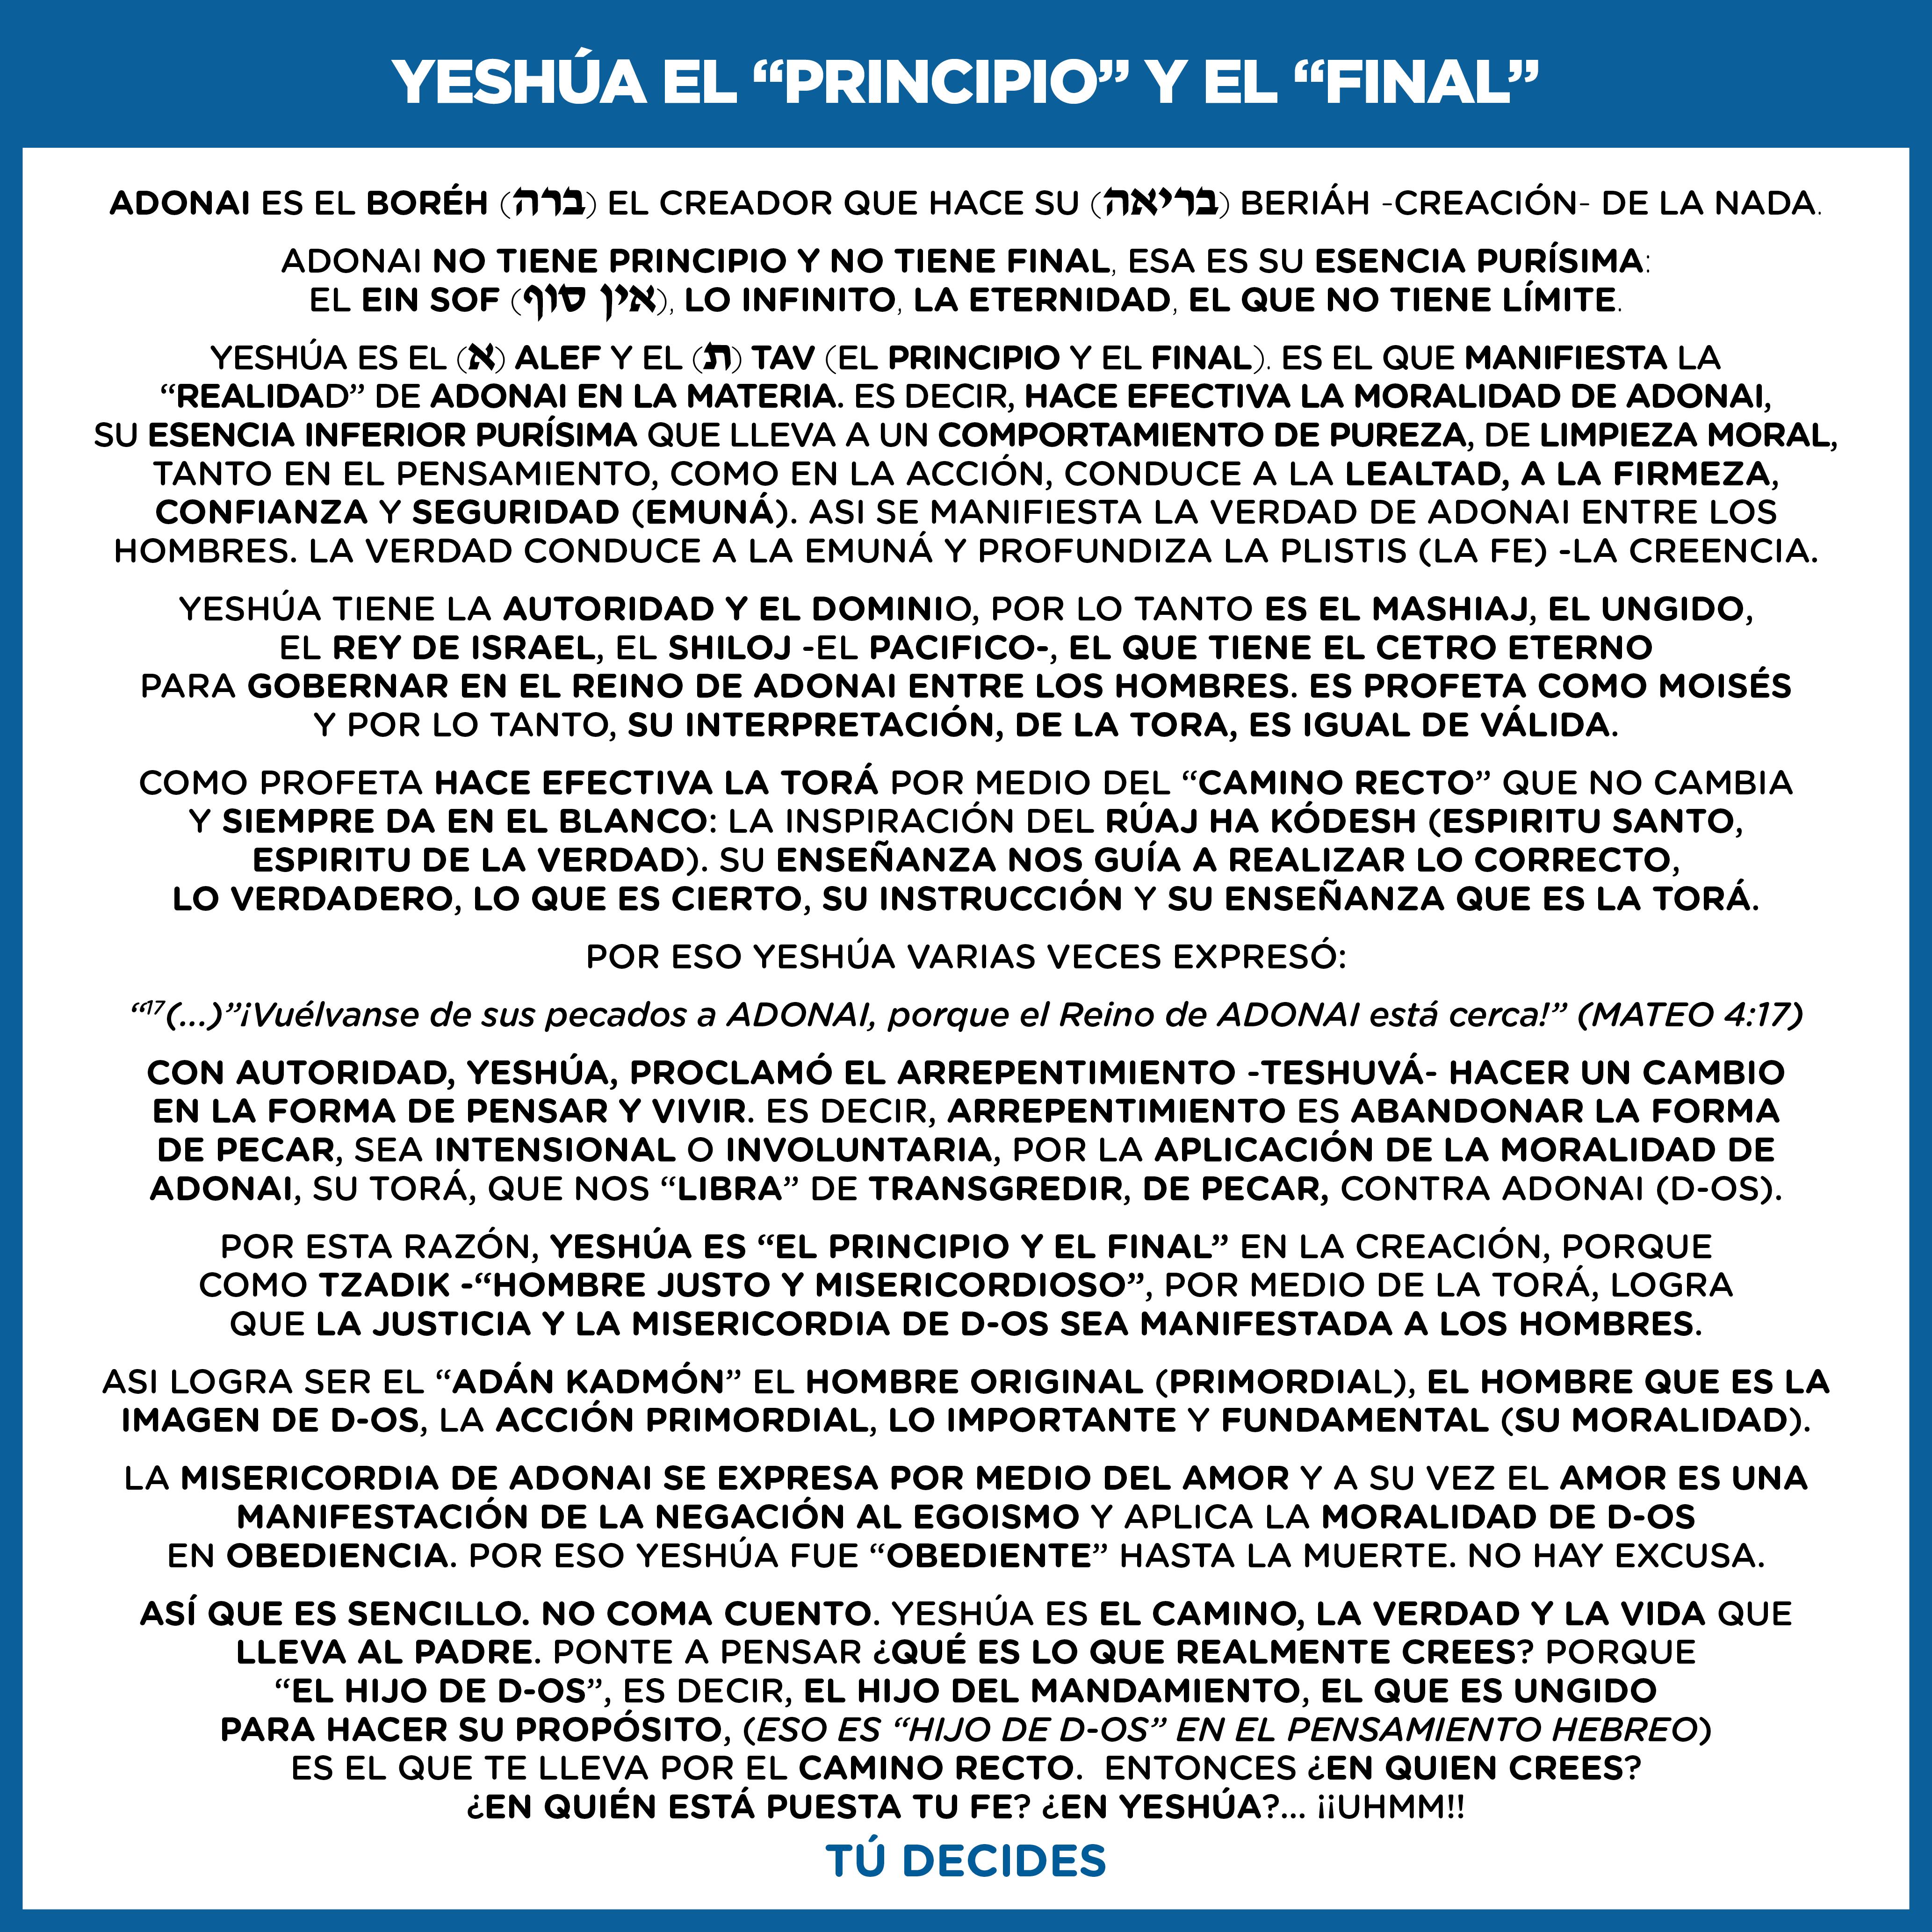 BANNER YESHUA_principio-final